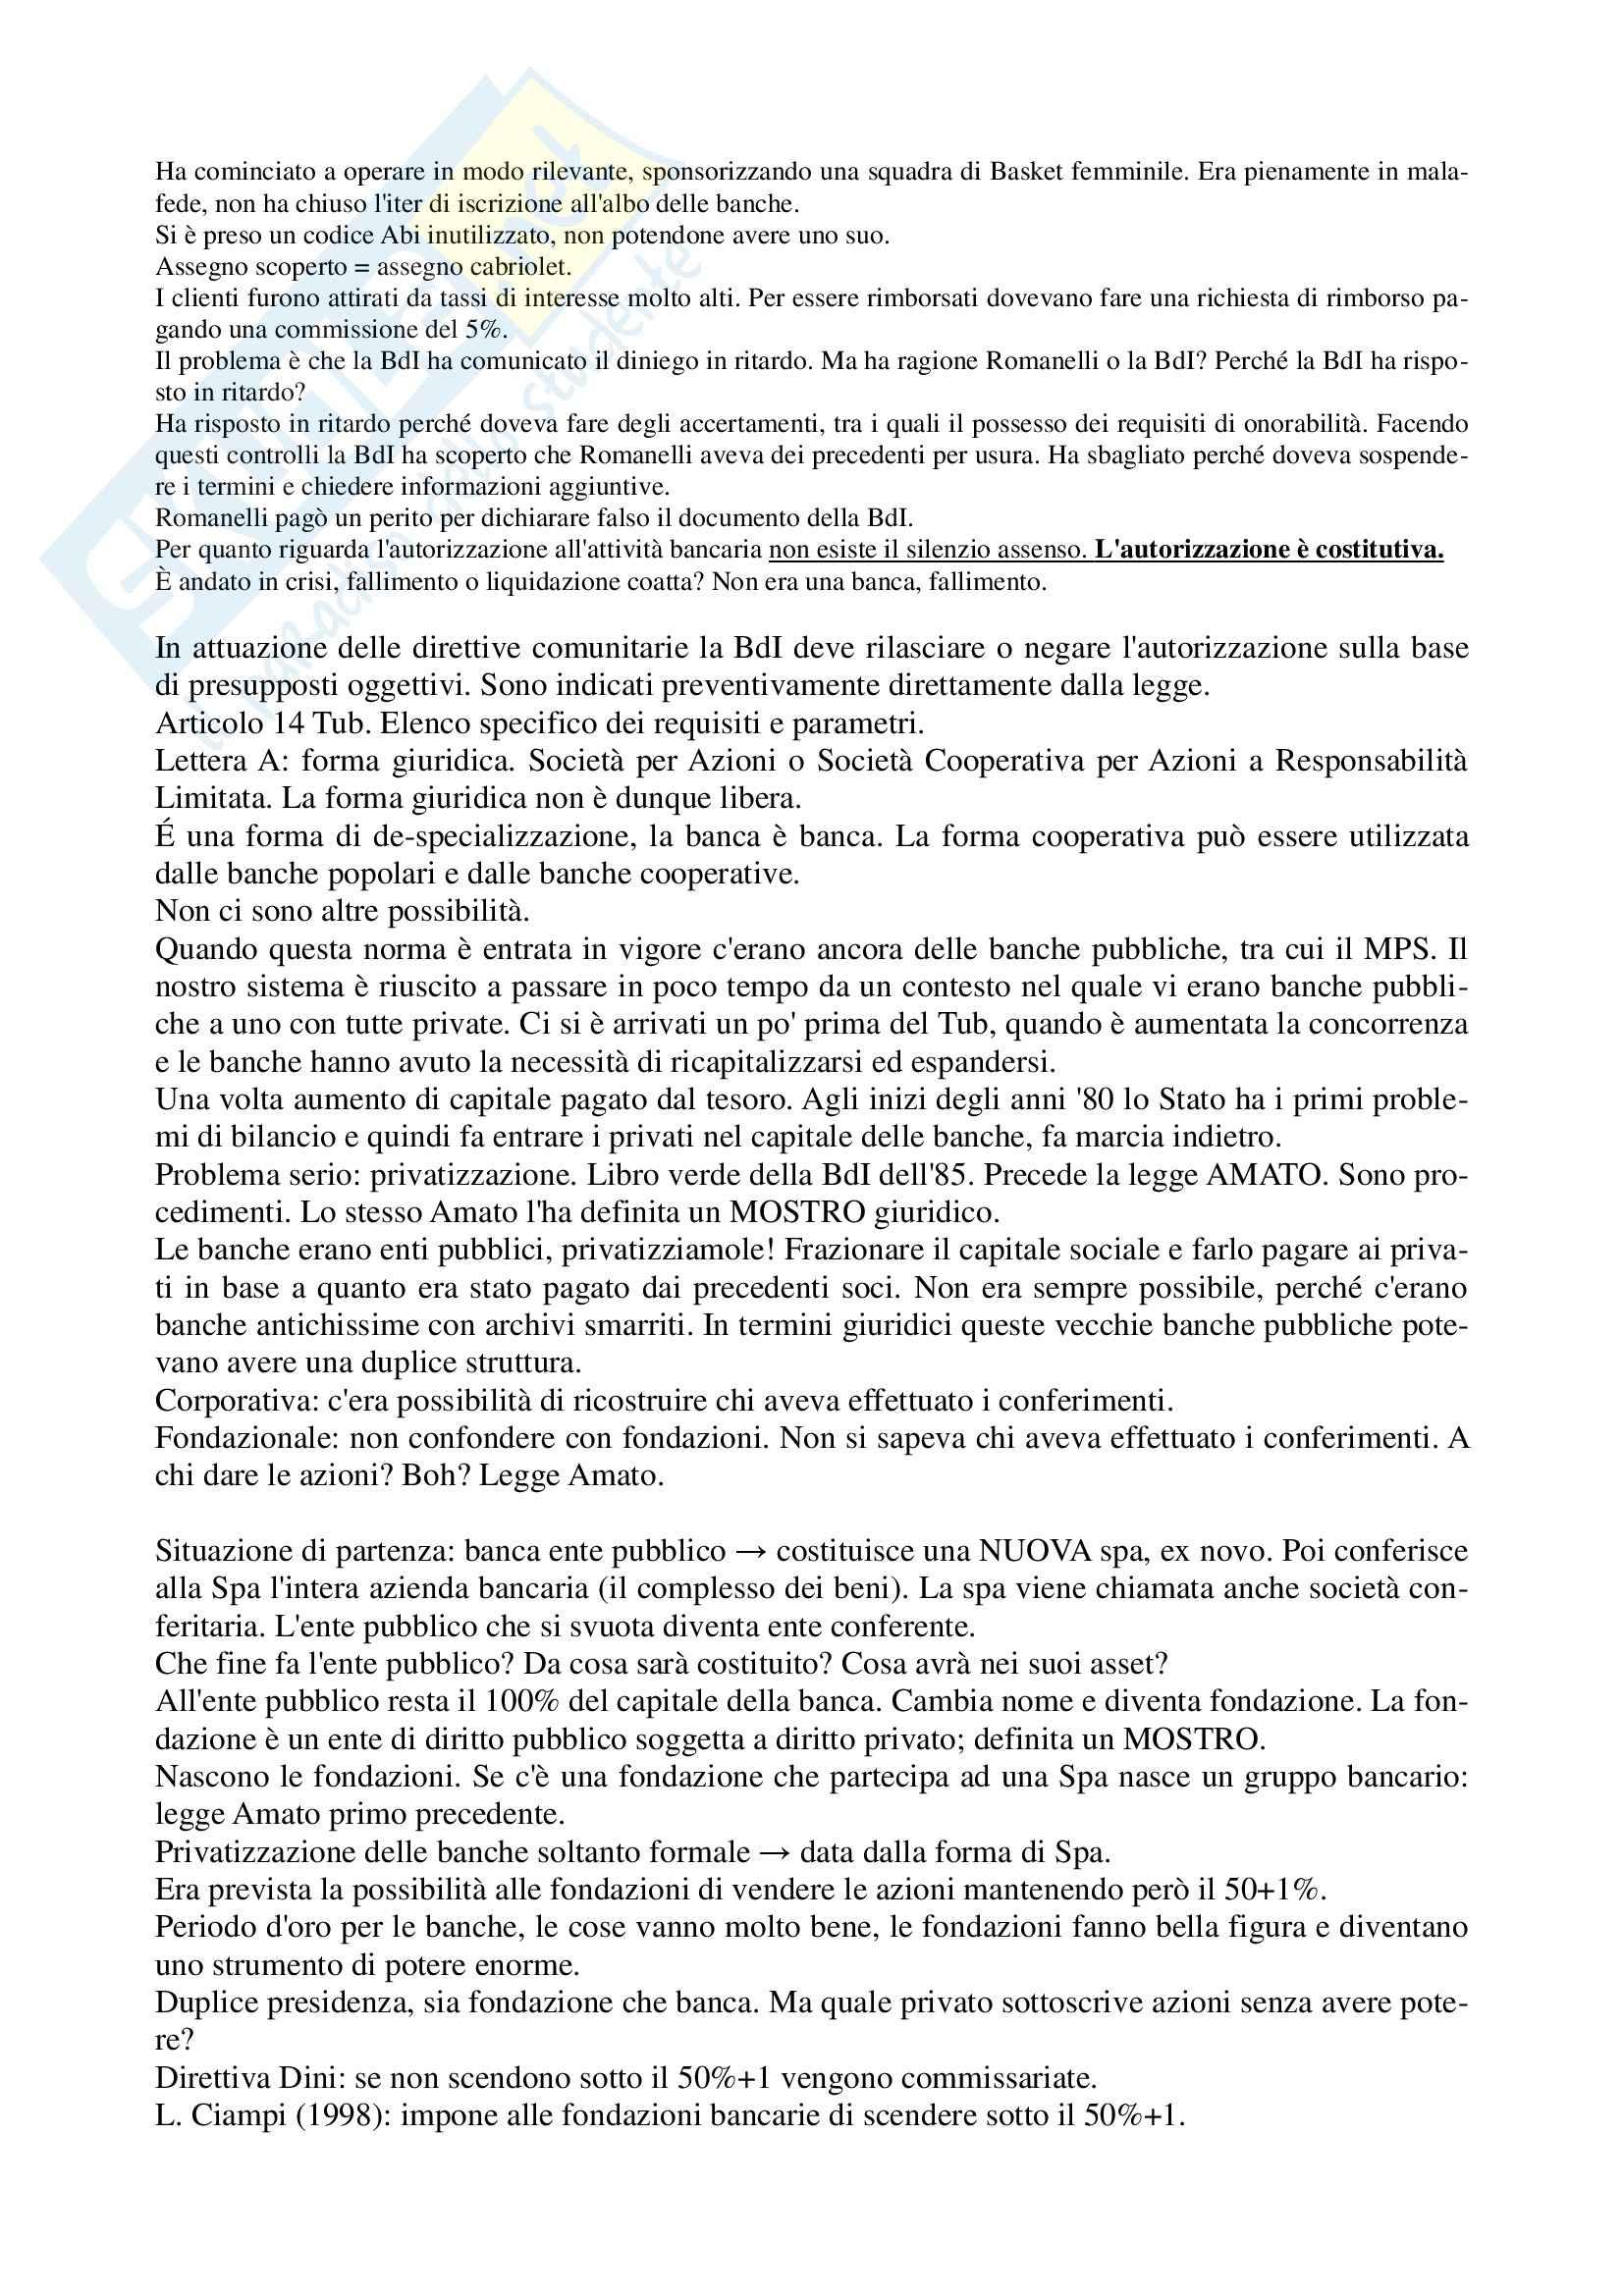 Legislazione bancaria 1 - Appunti parte II Pag. 2